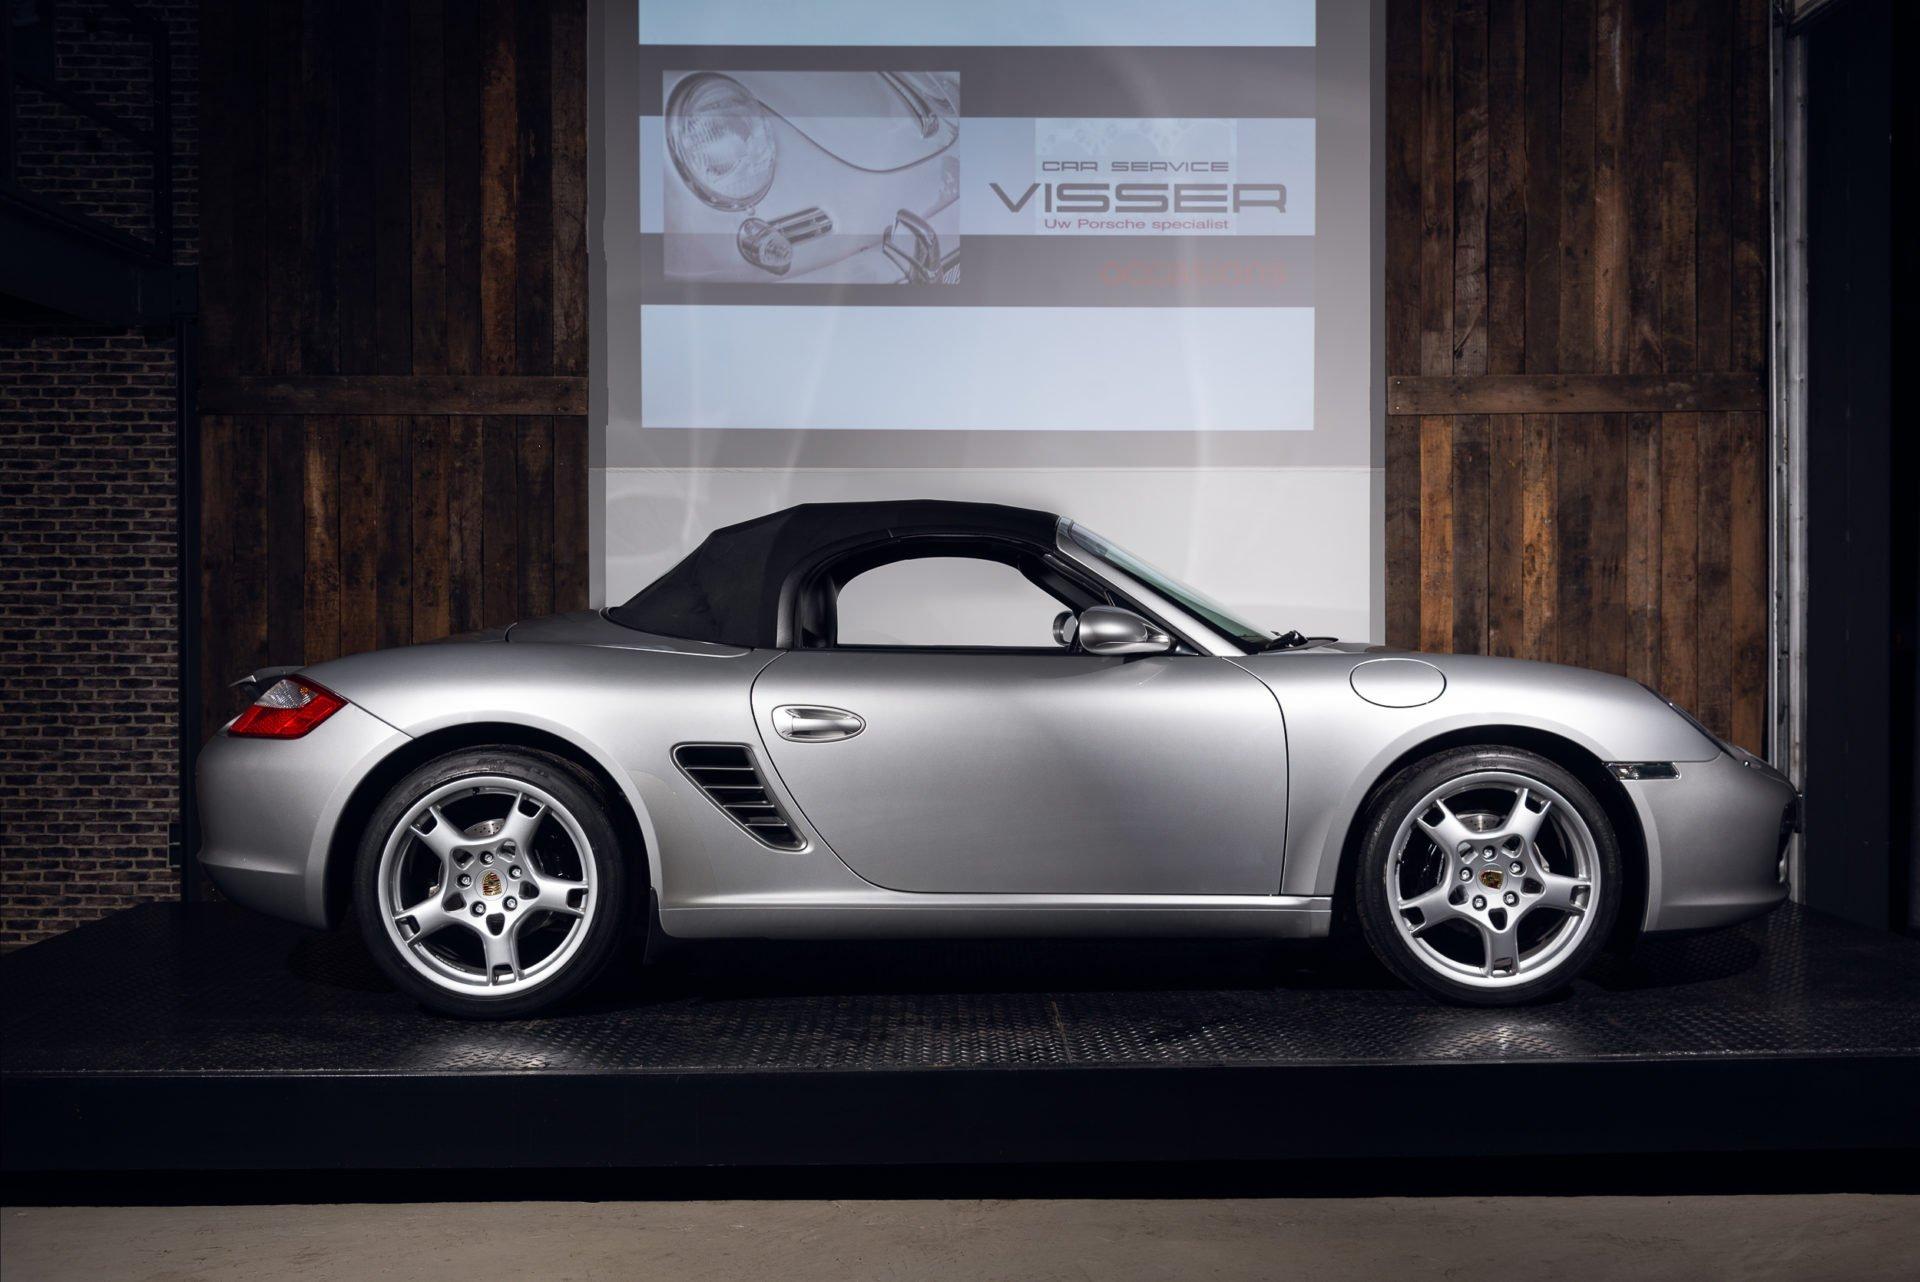 Porsche Boxster Zilver - 2